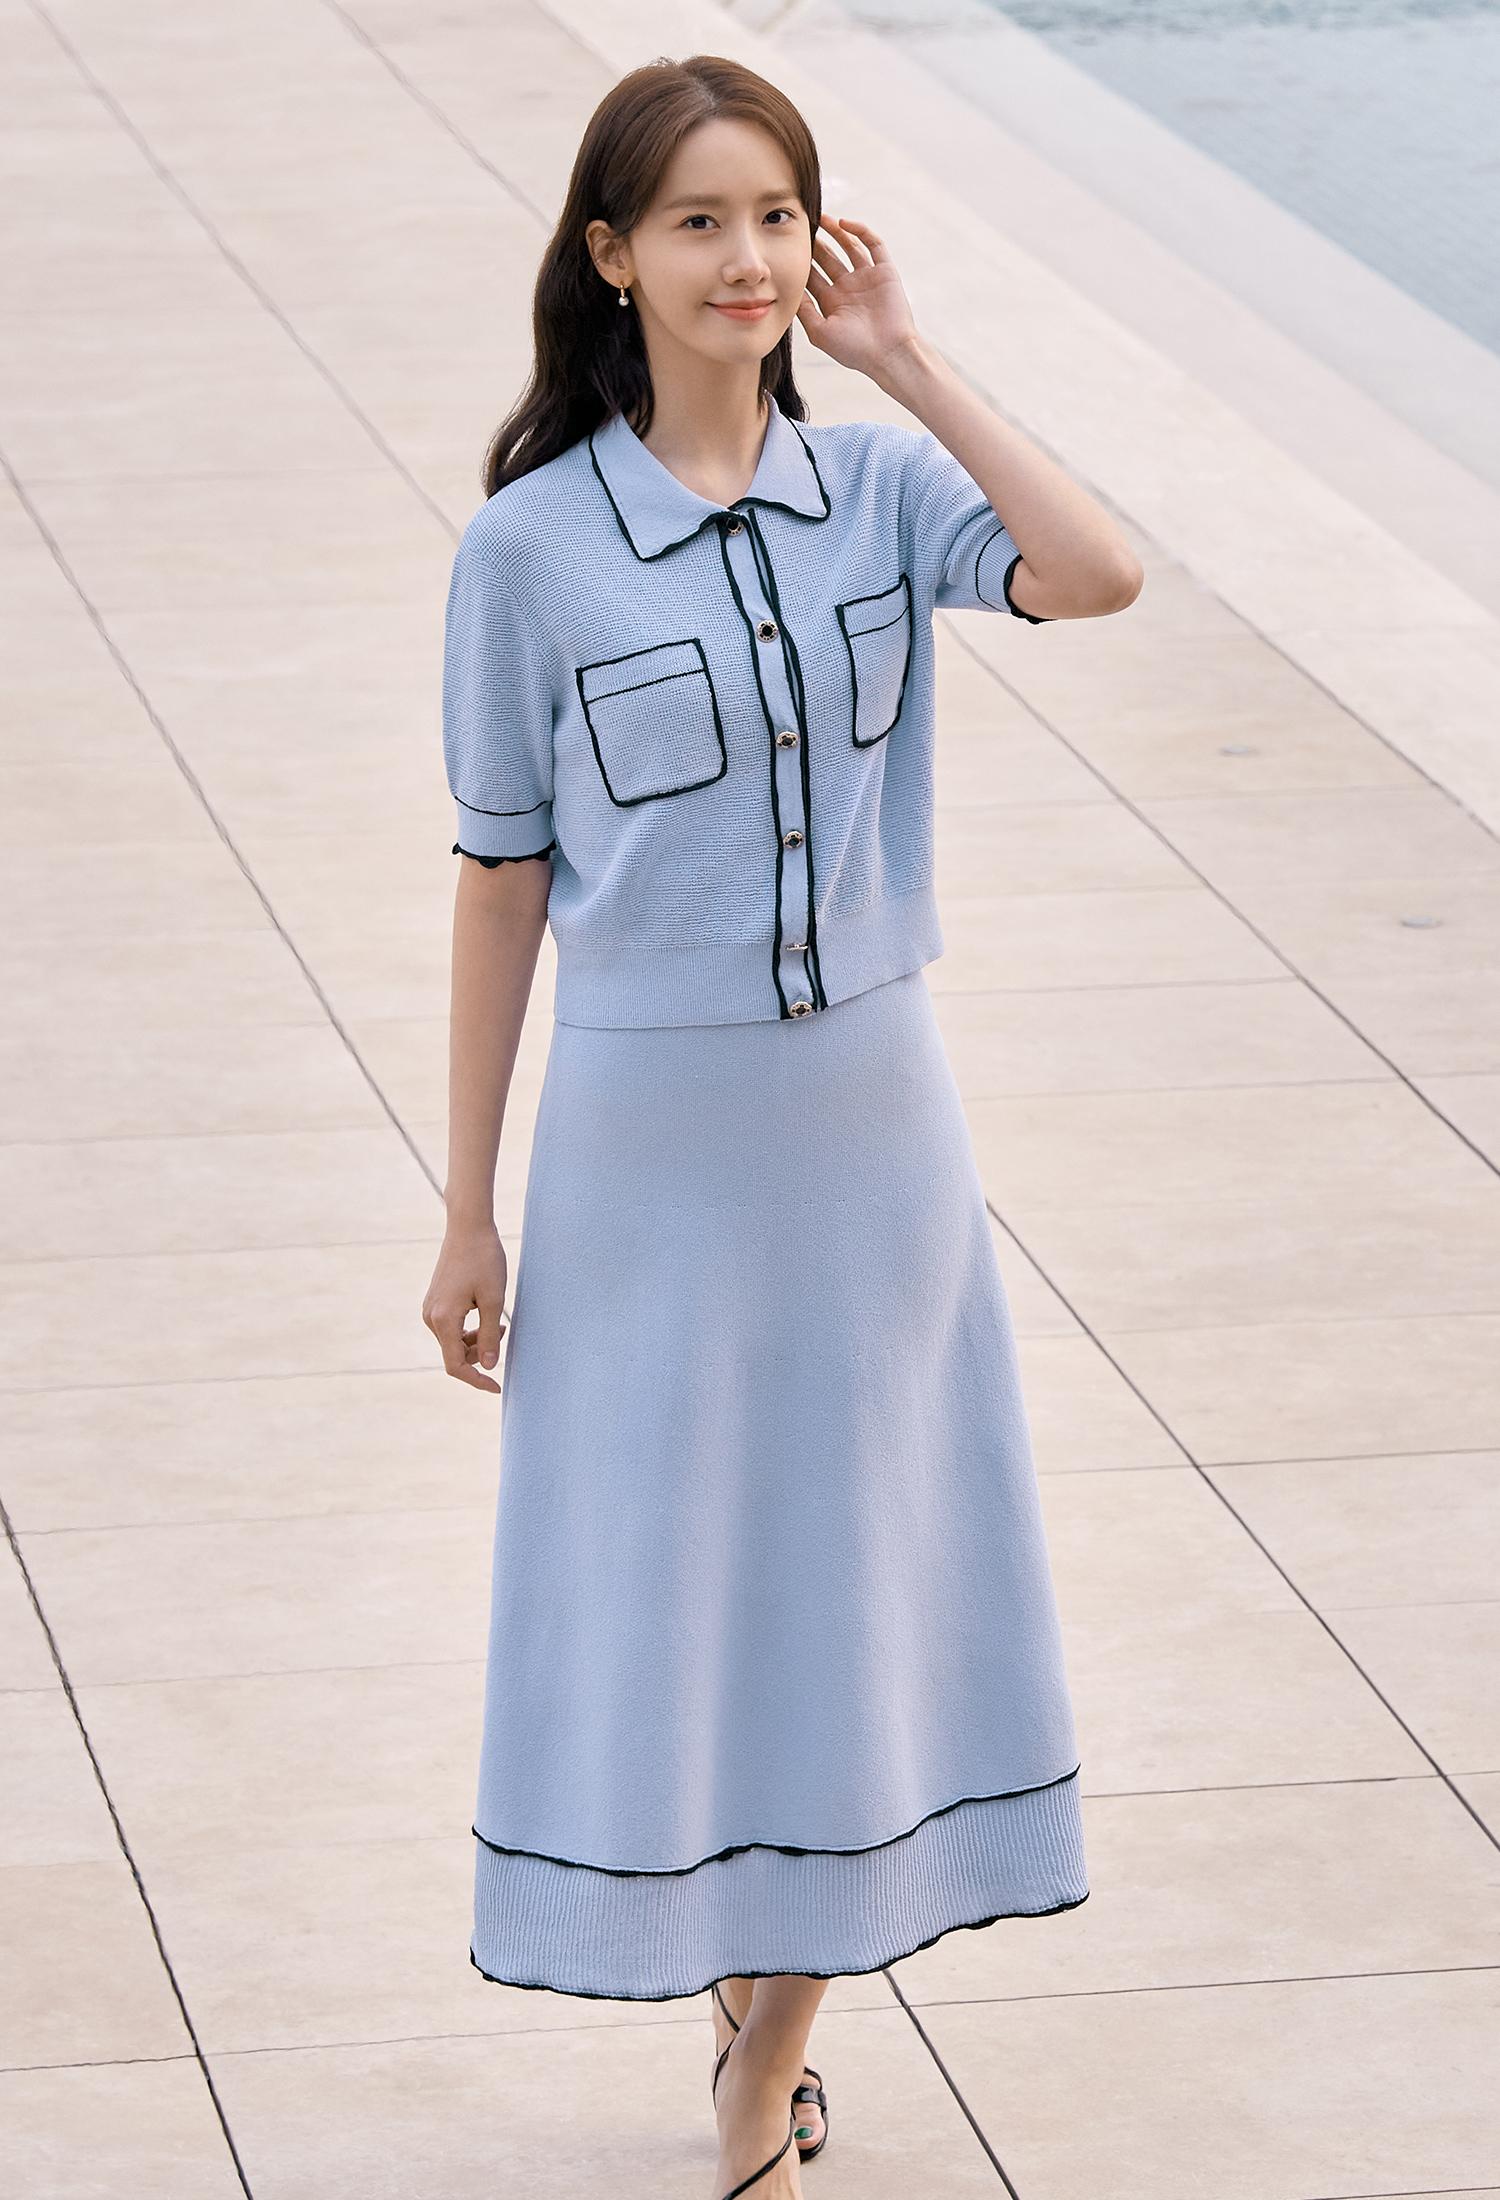 라인 배색 니트 가디건 (BLUE)